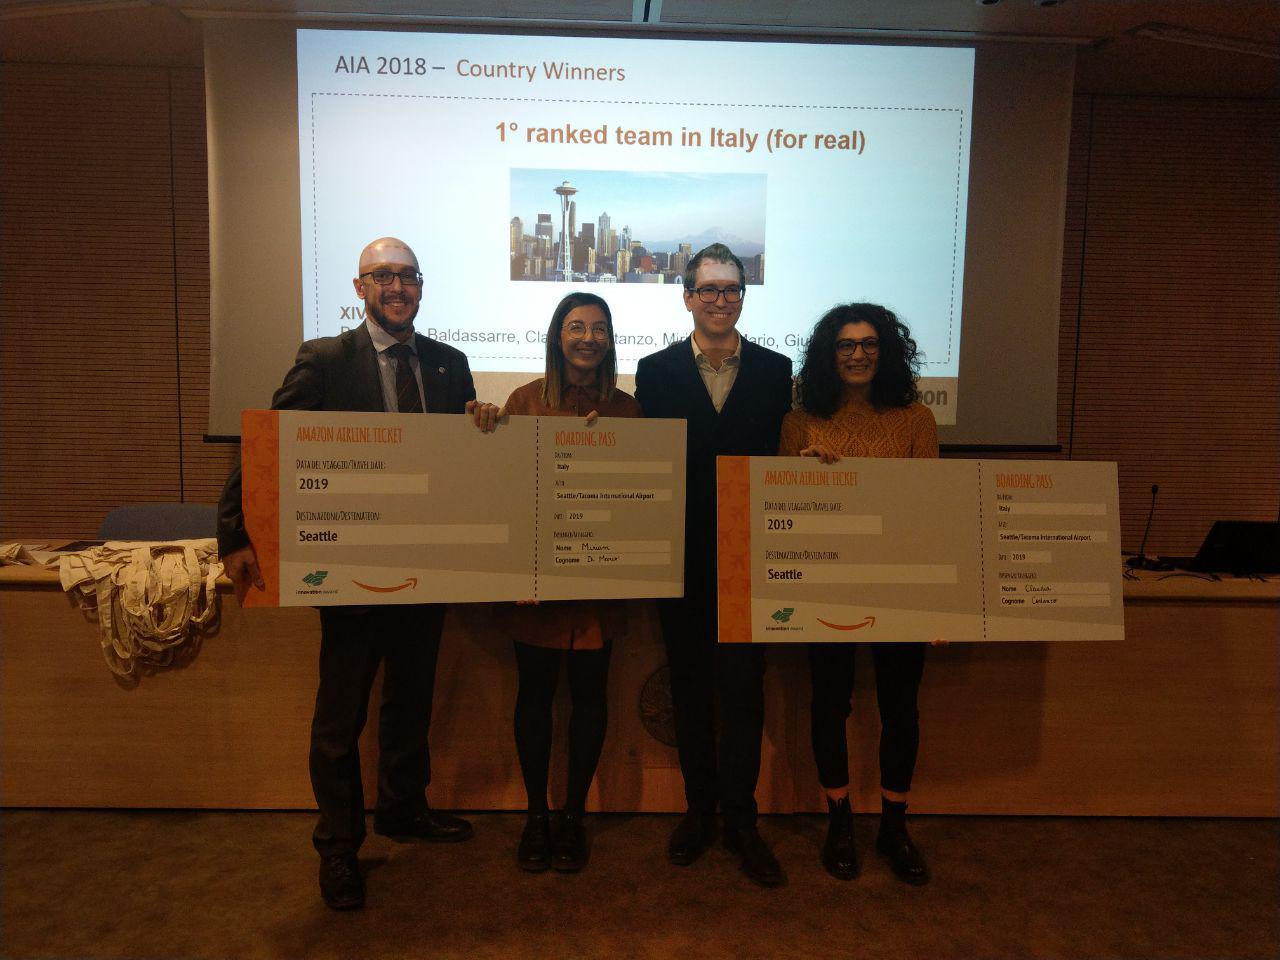 Nuove tecnologie all'interno dei centri Amazon italiani: i vincitori del concorso